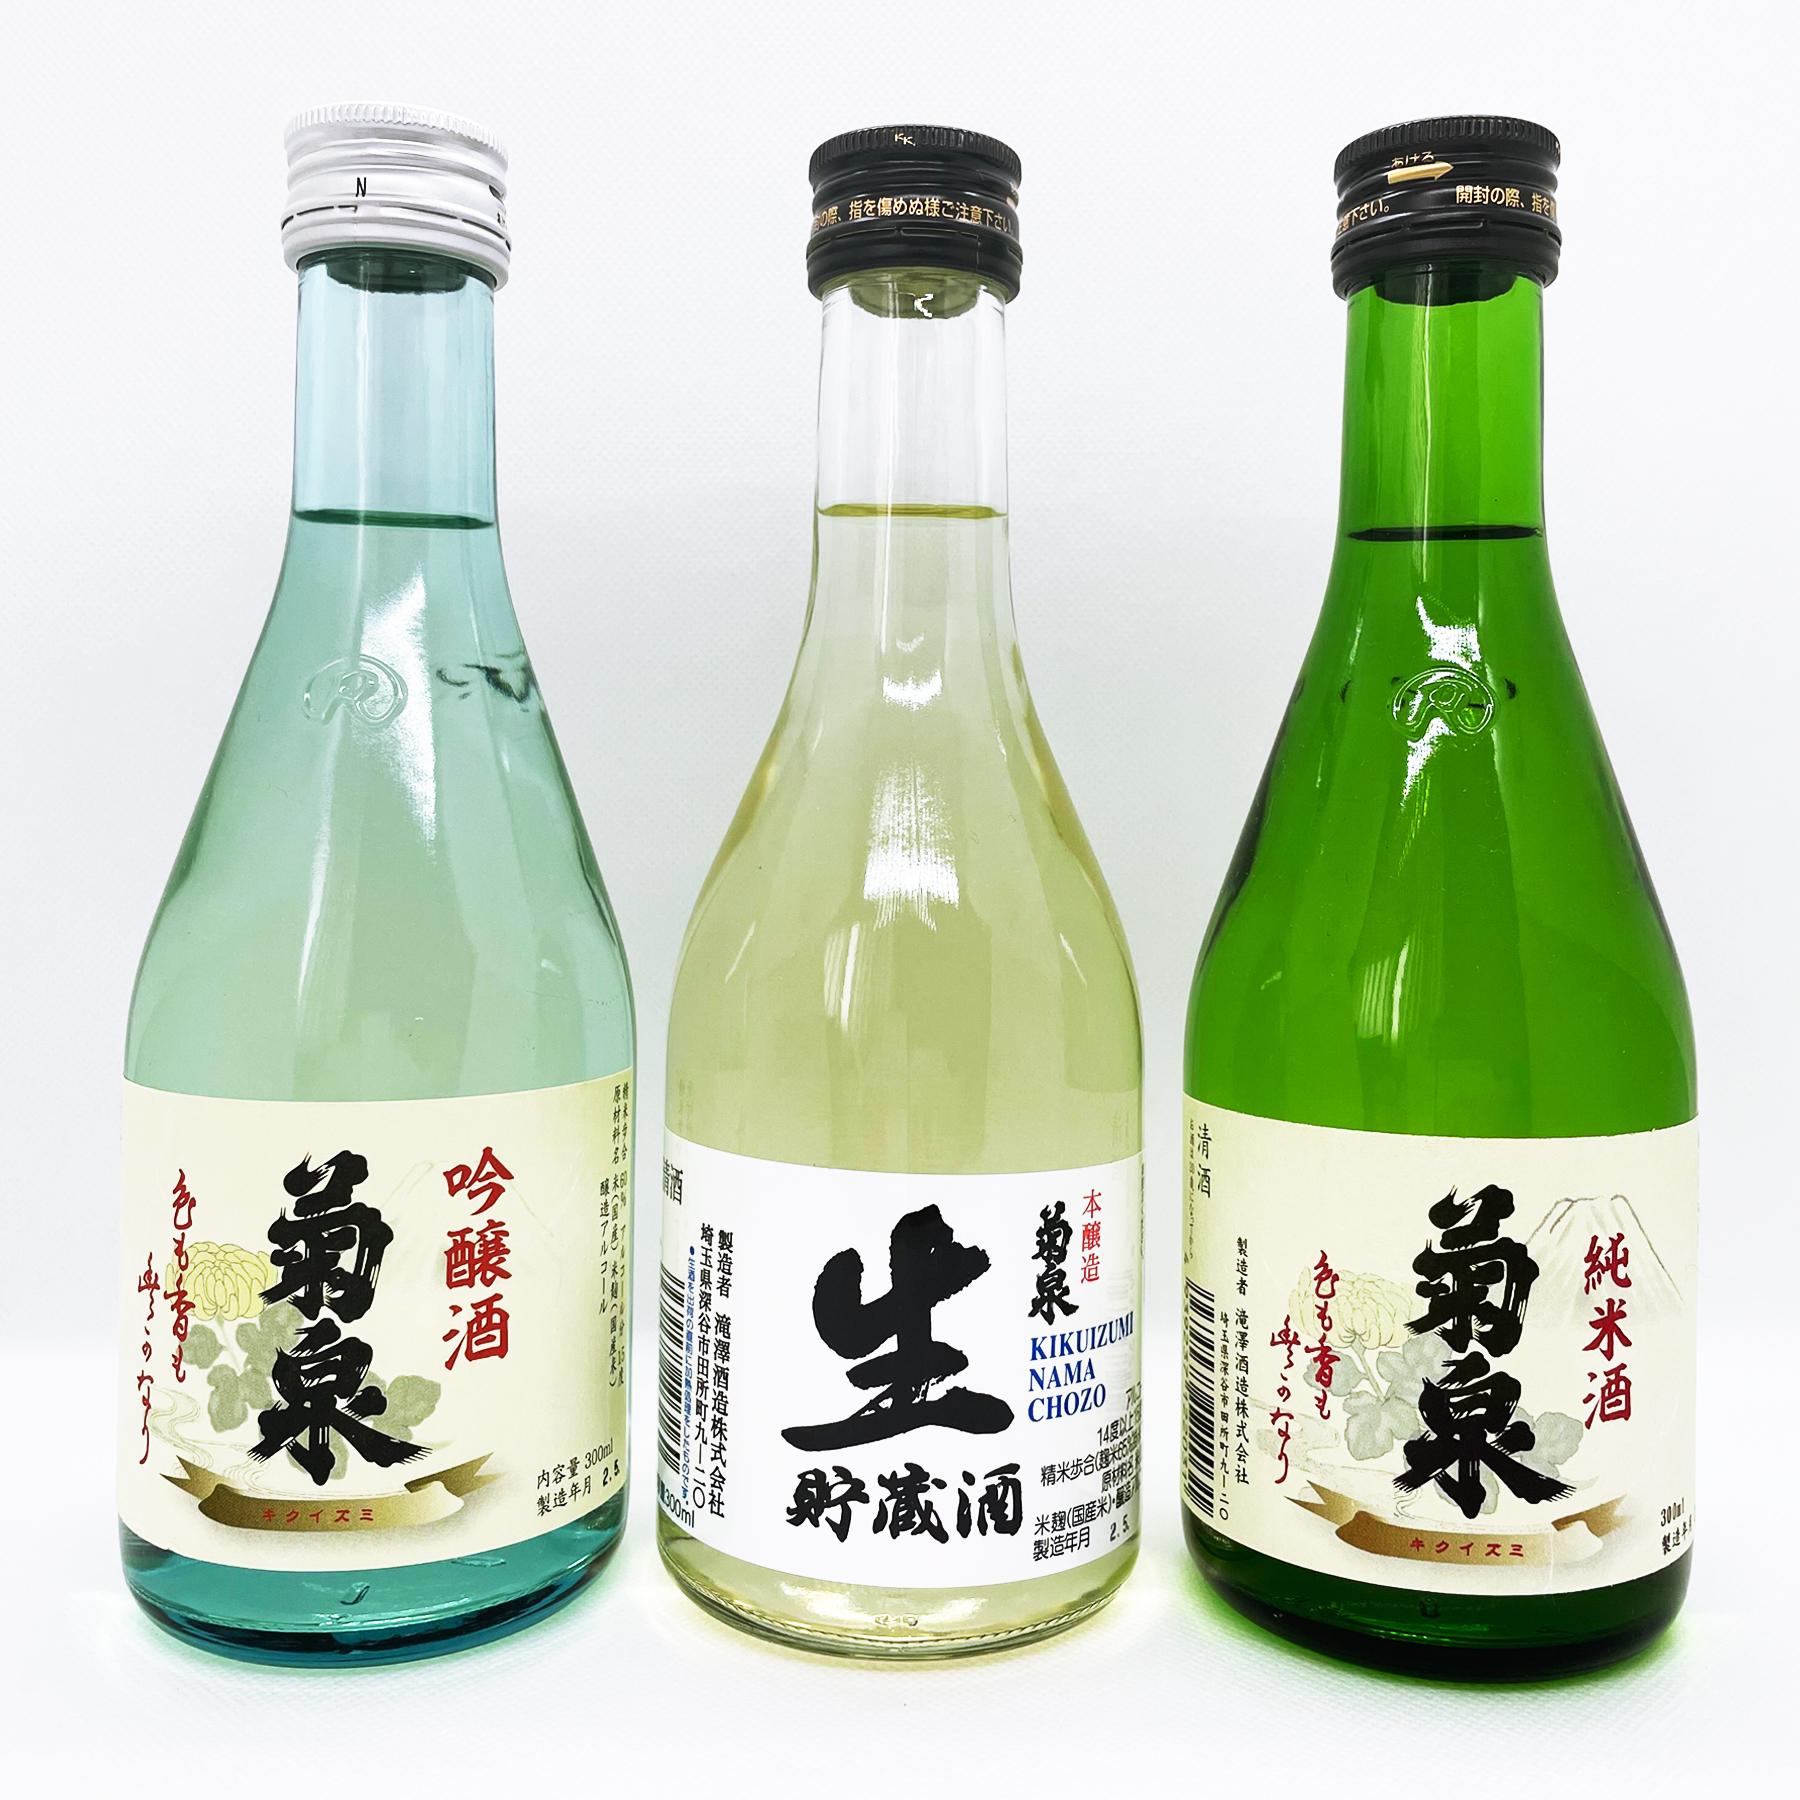 滝澤酒造/埼玉県